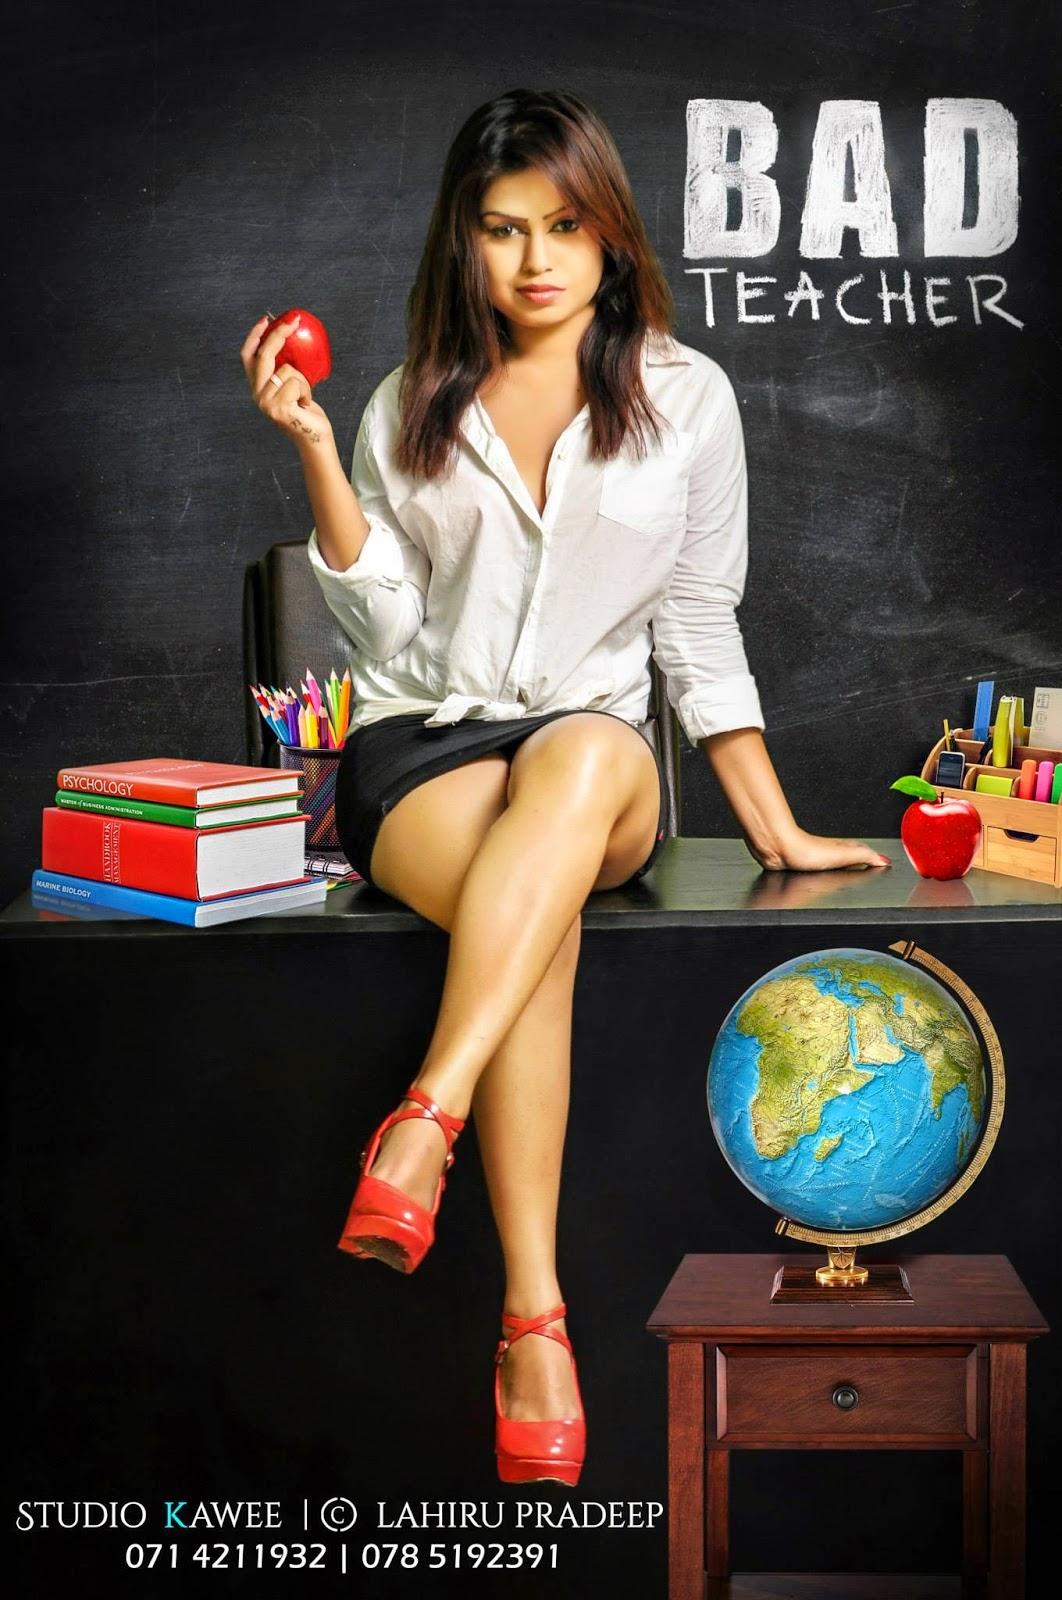 A Bad Teacher Movie Online